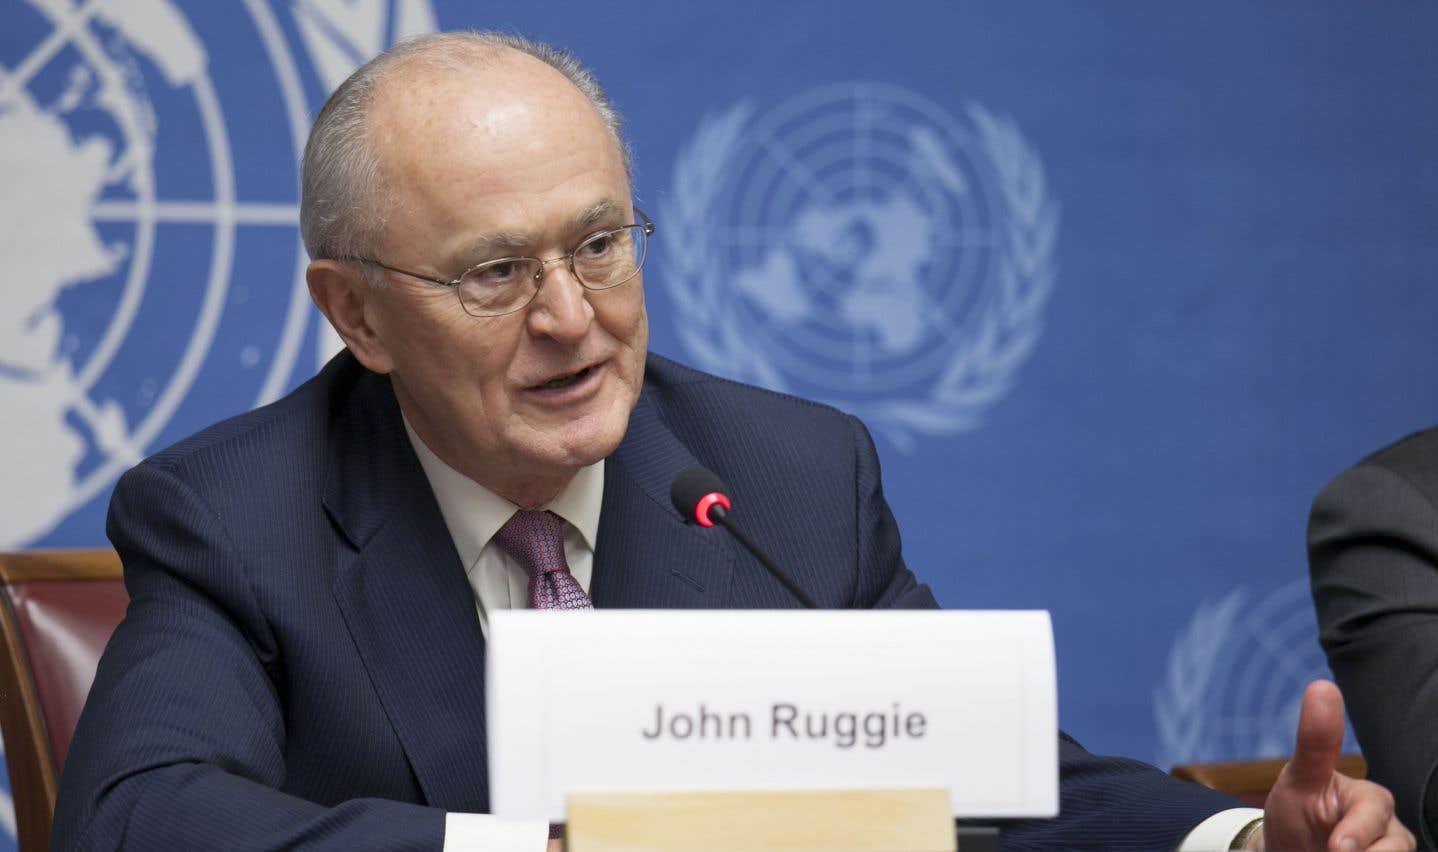 John Ruggie, professeur de droit international à l'université Harvard